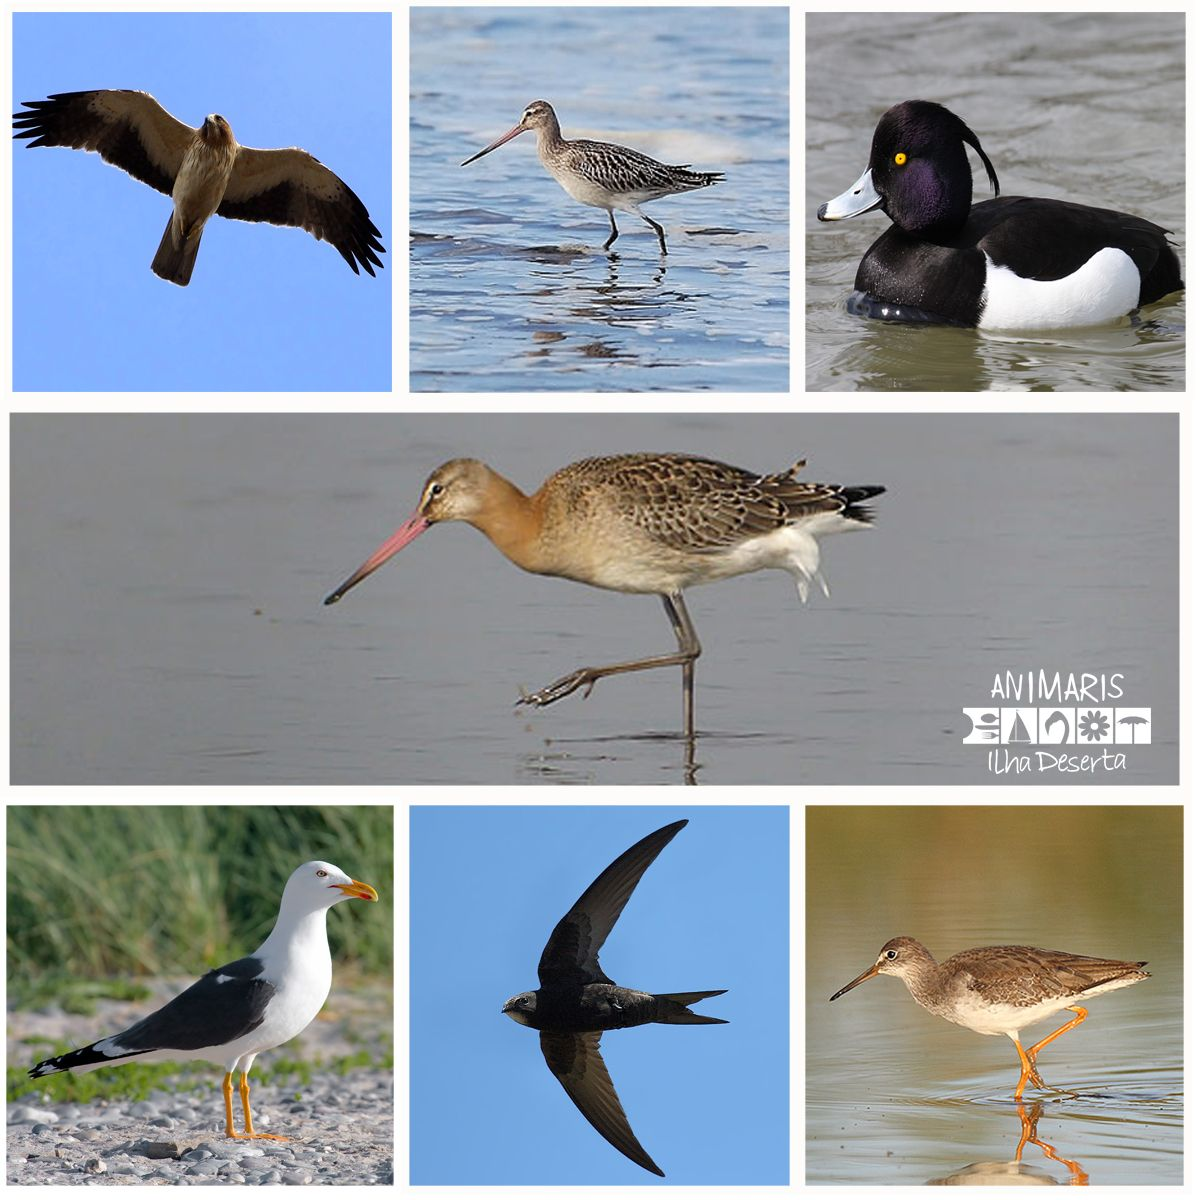 Ao desfrutar dos nossos Eco-Tours no #ParqueNaturalRiaFormosa, poderá encontrar mais de 84 espécies de aves.